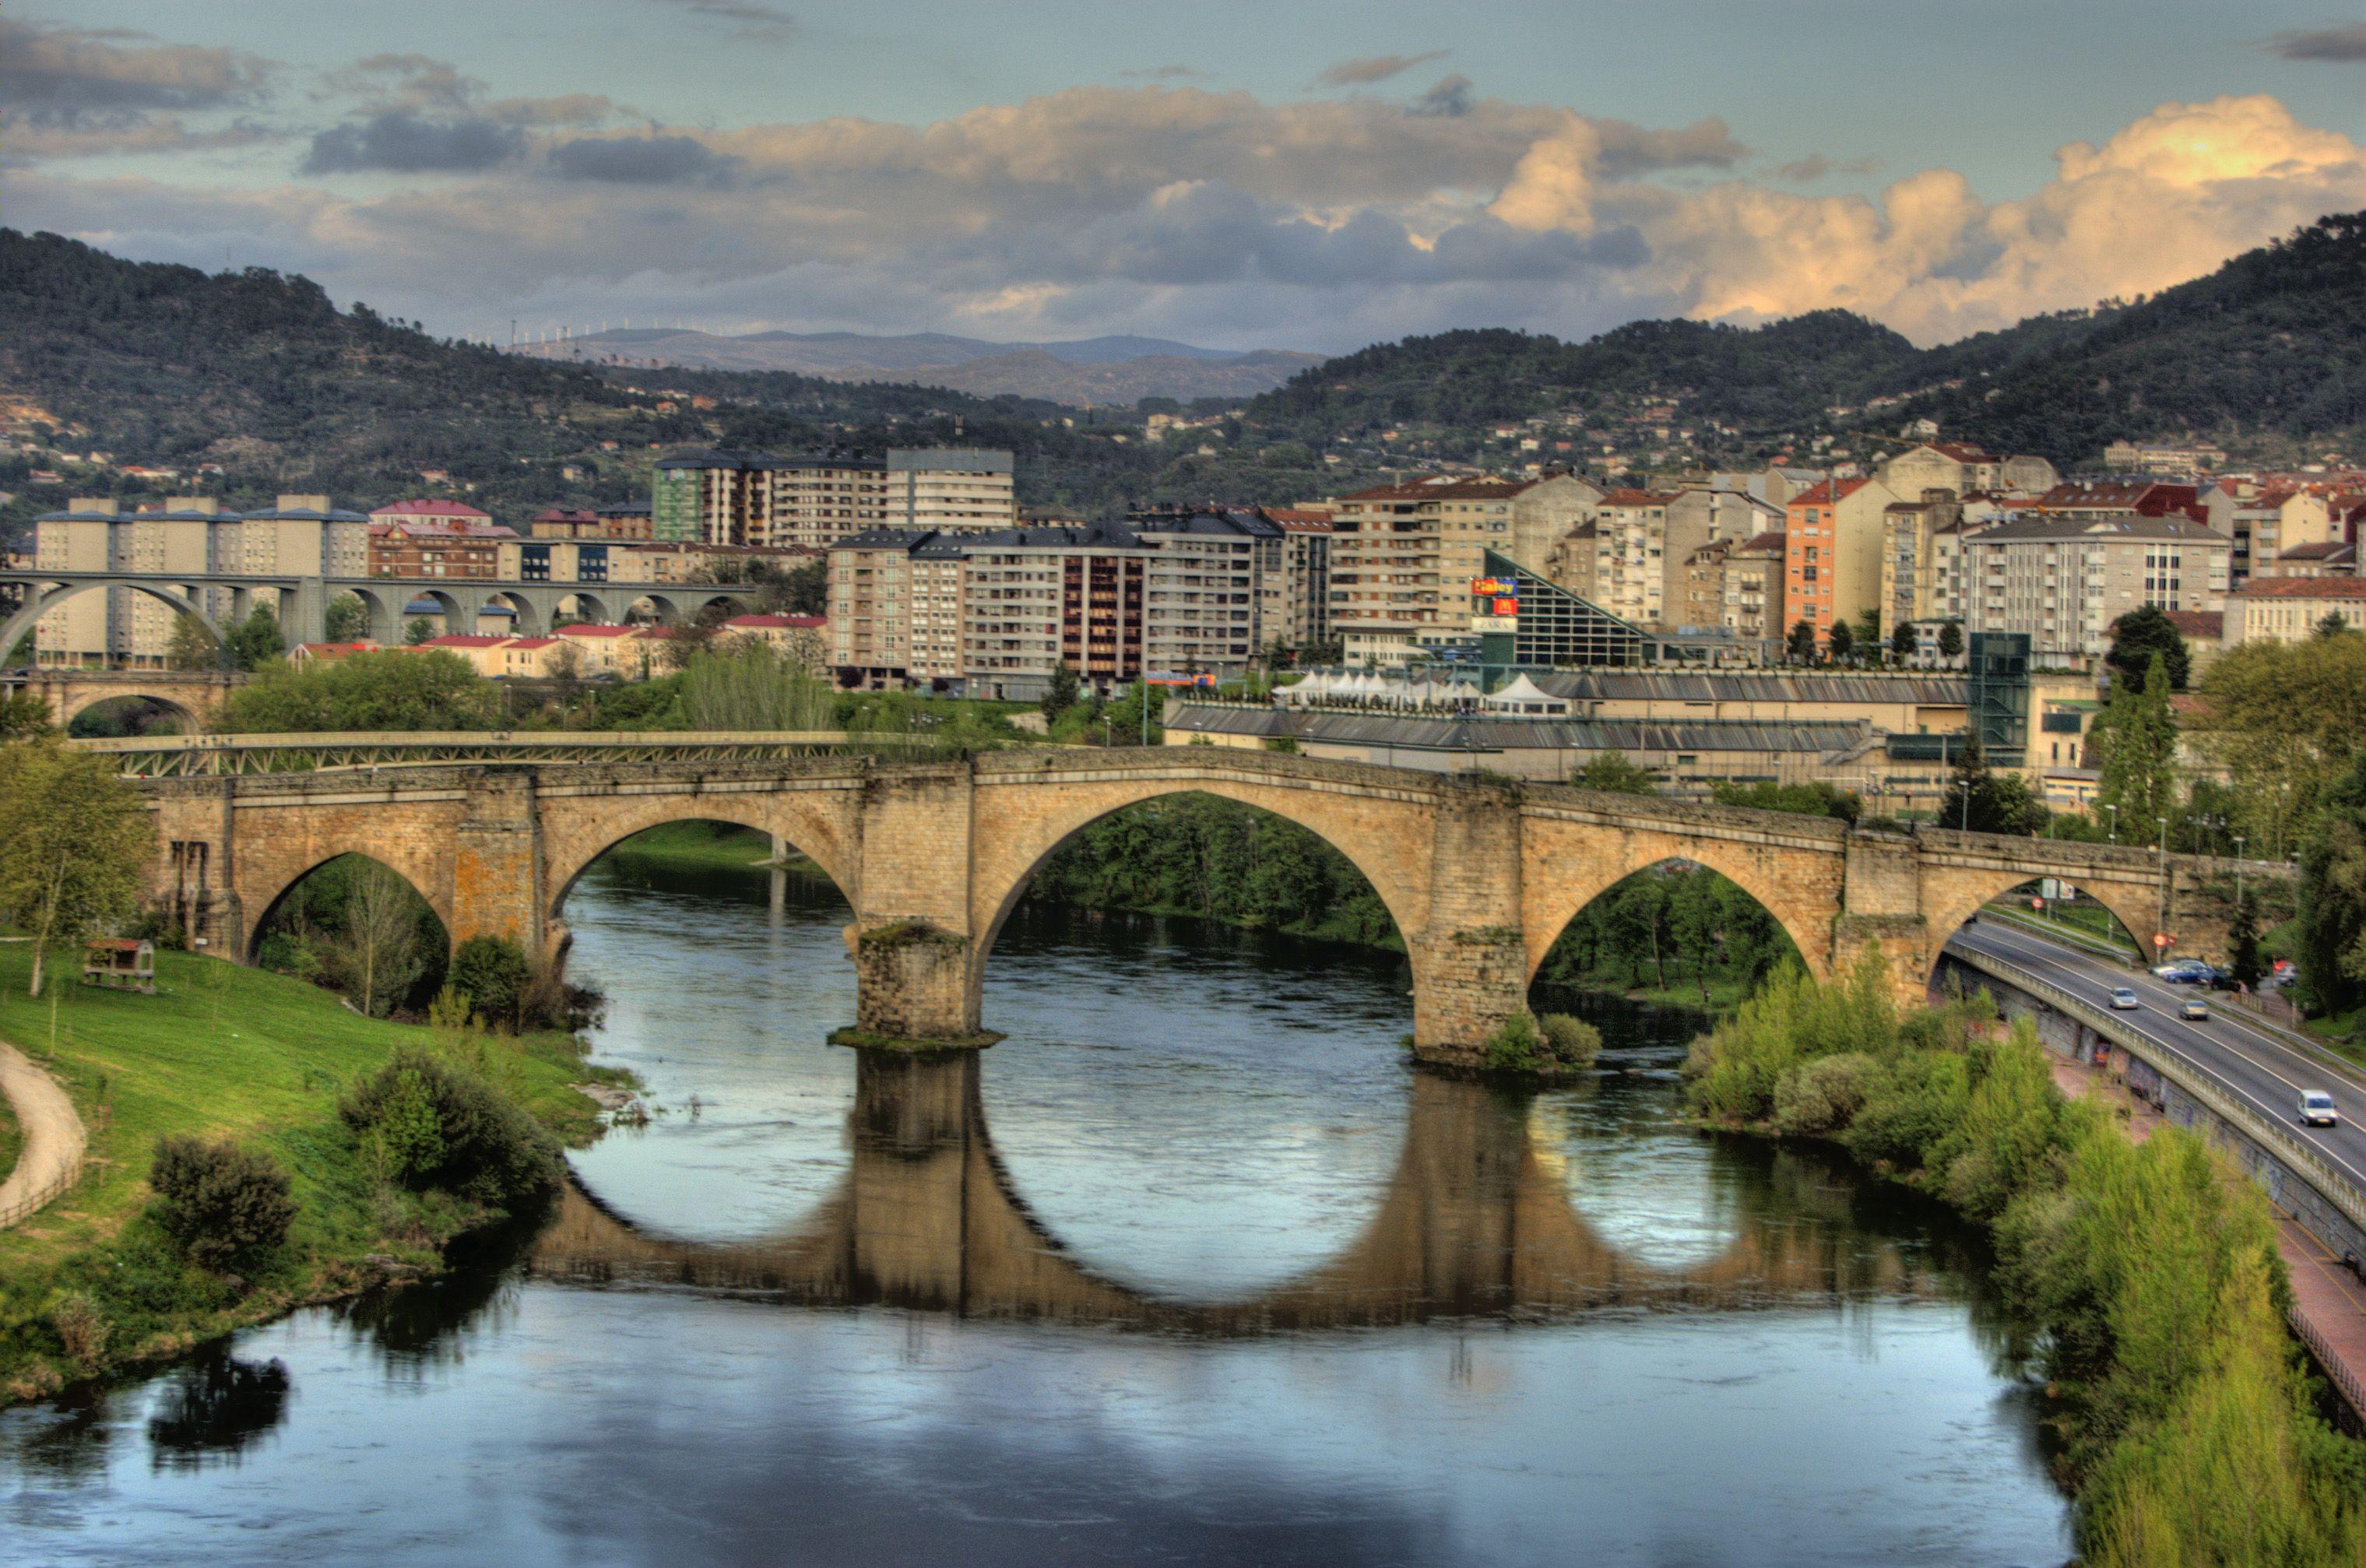 Ourense. Recorre el #CaminoSanabrés con www.caminodesantiagoreservas.com.